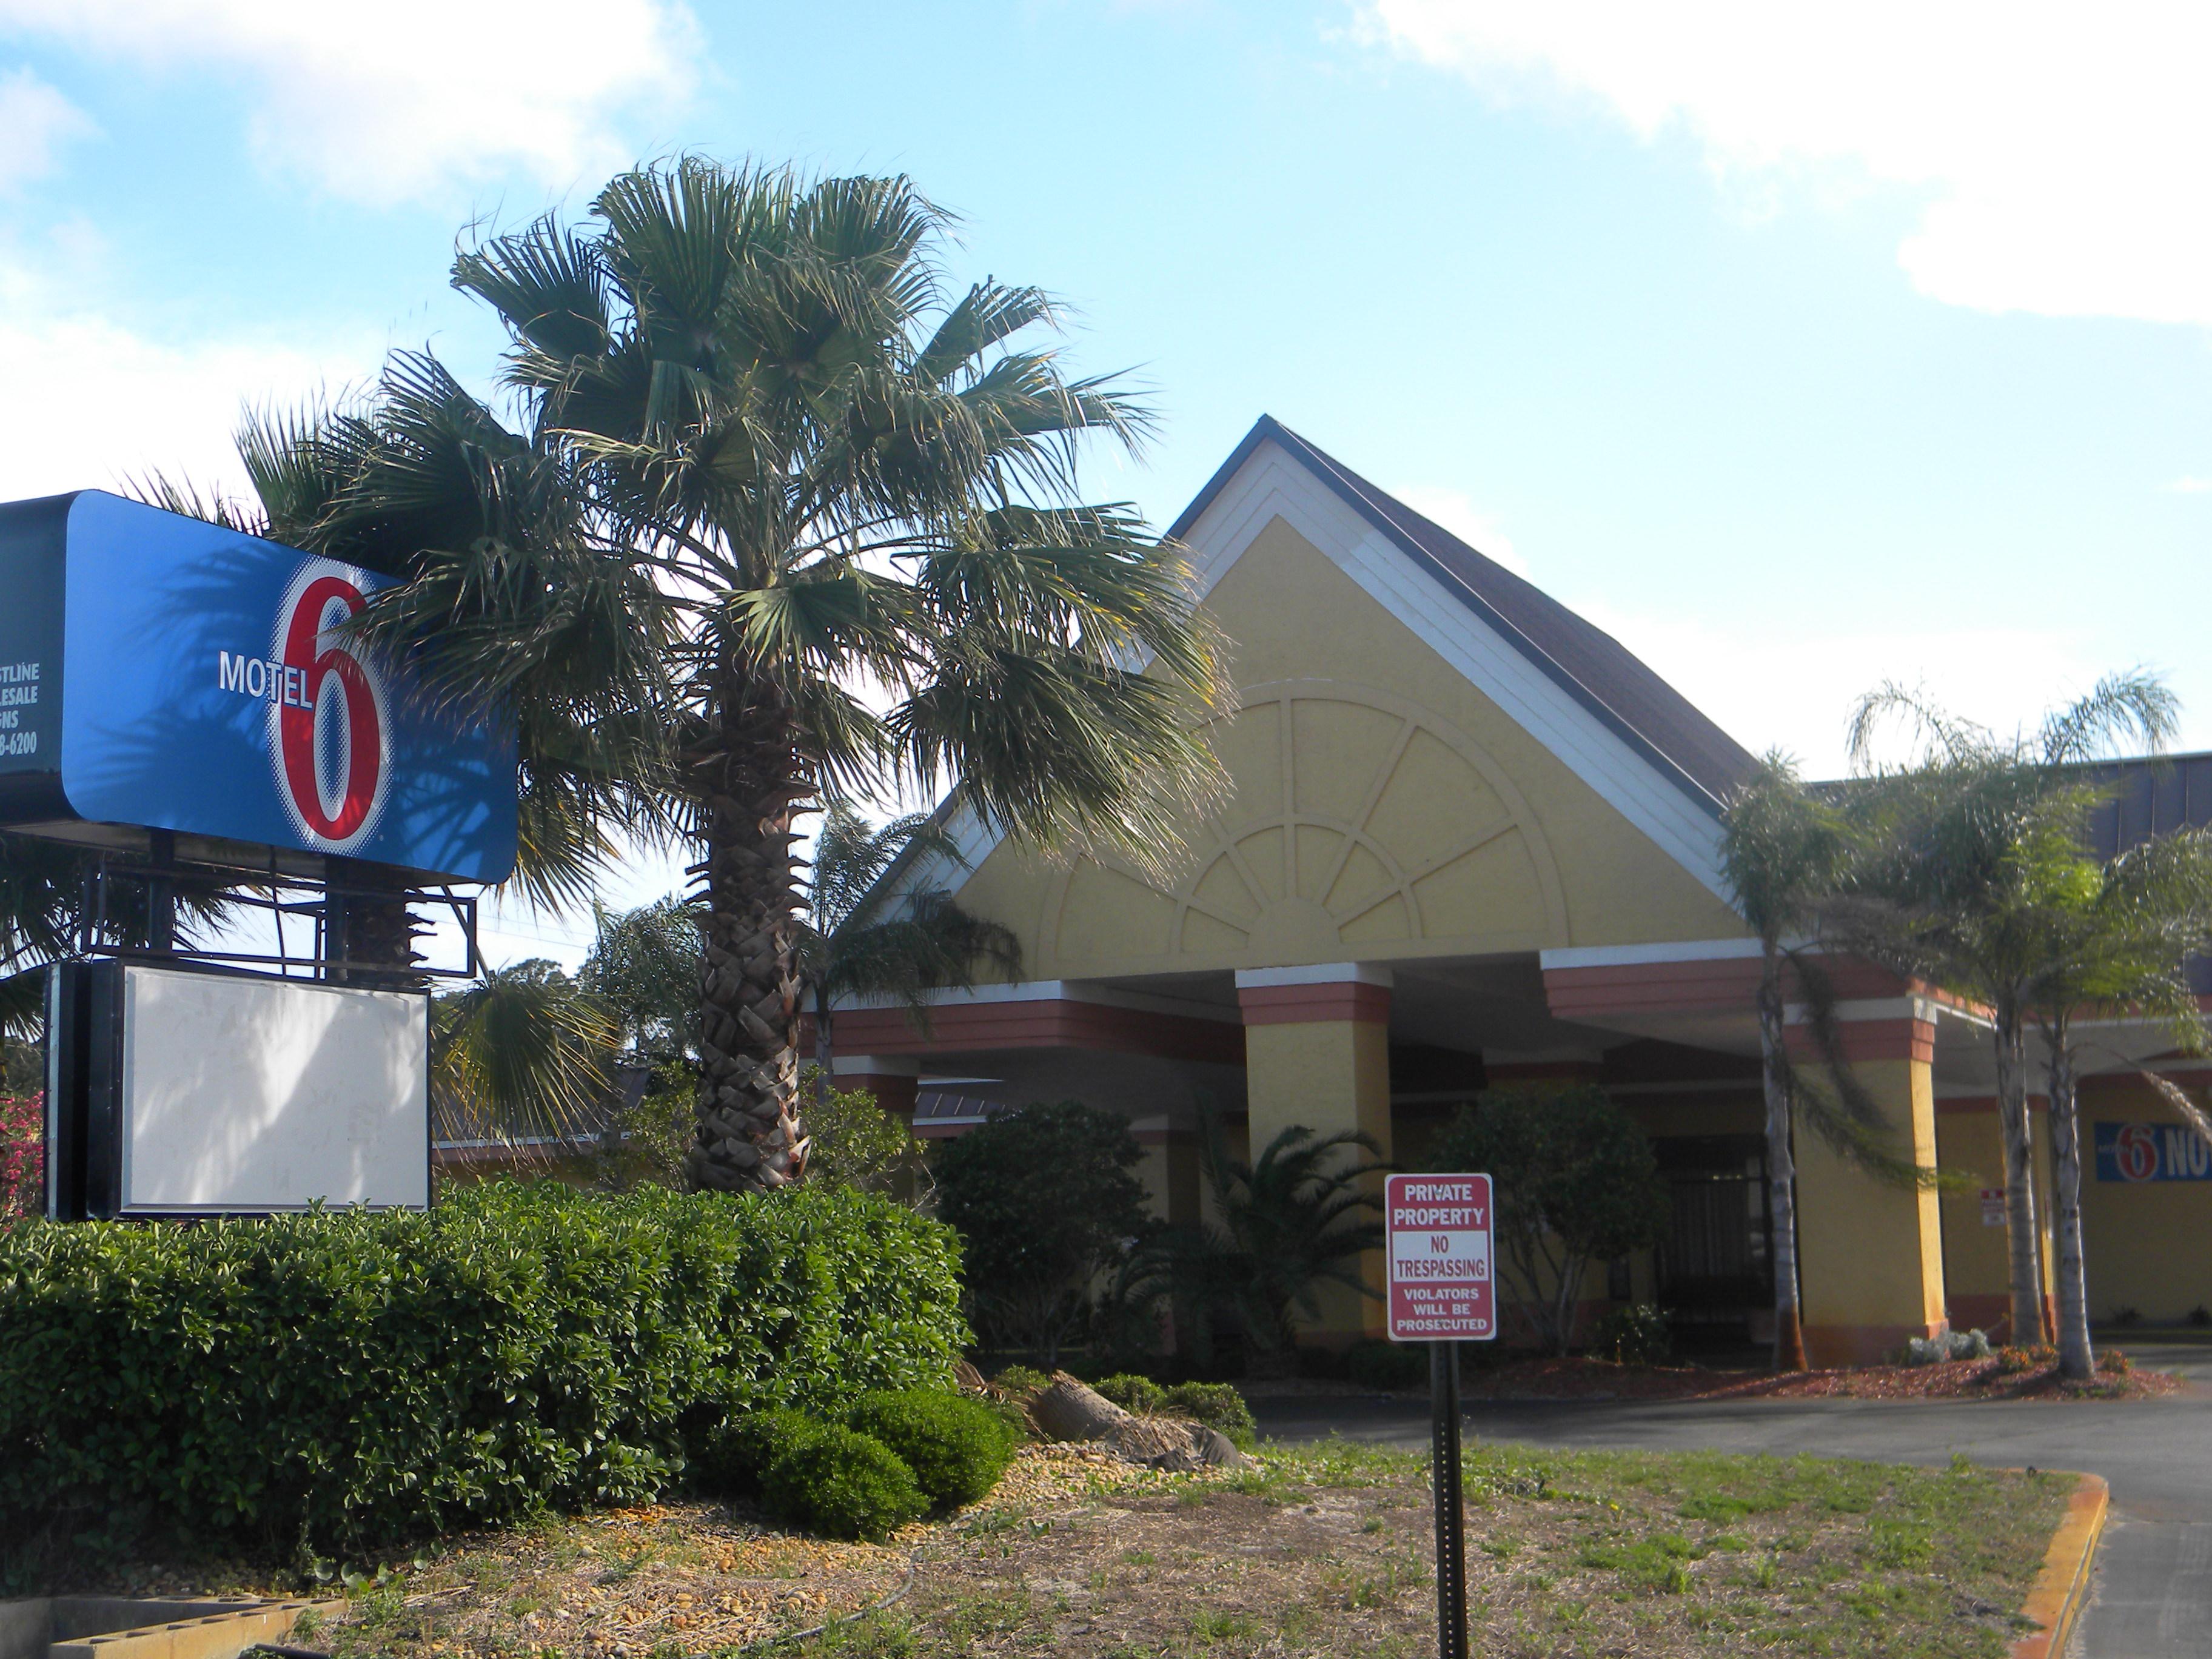 Motel 6 Ormond Beach